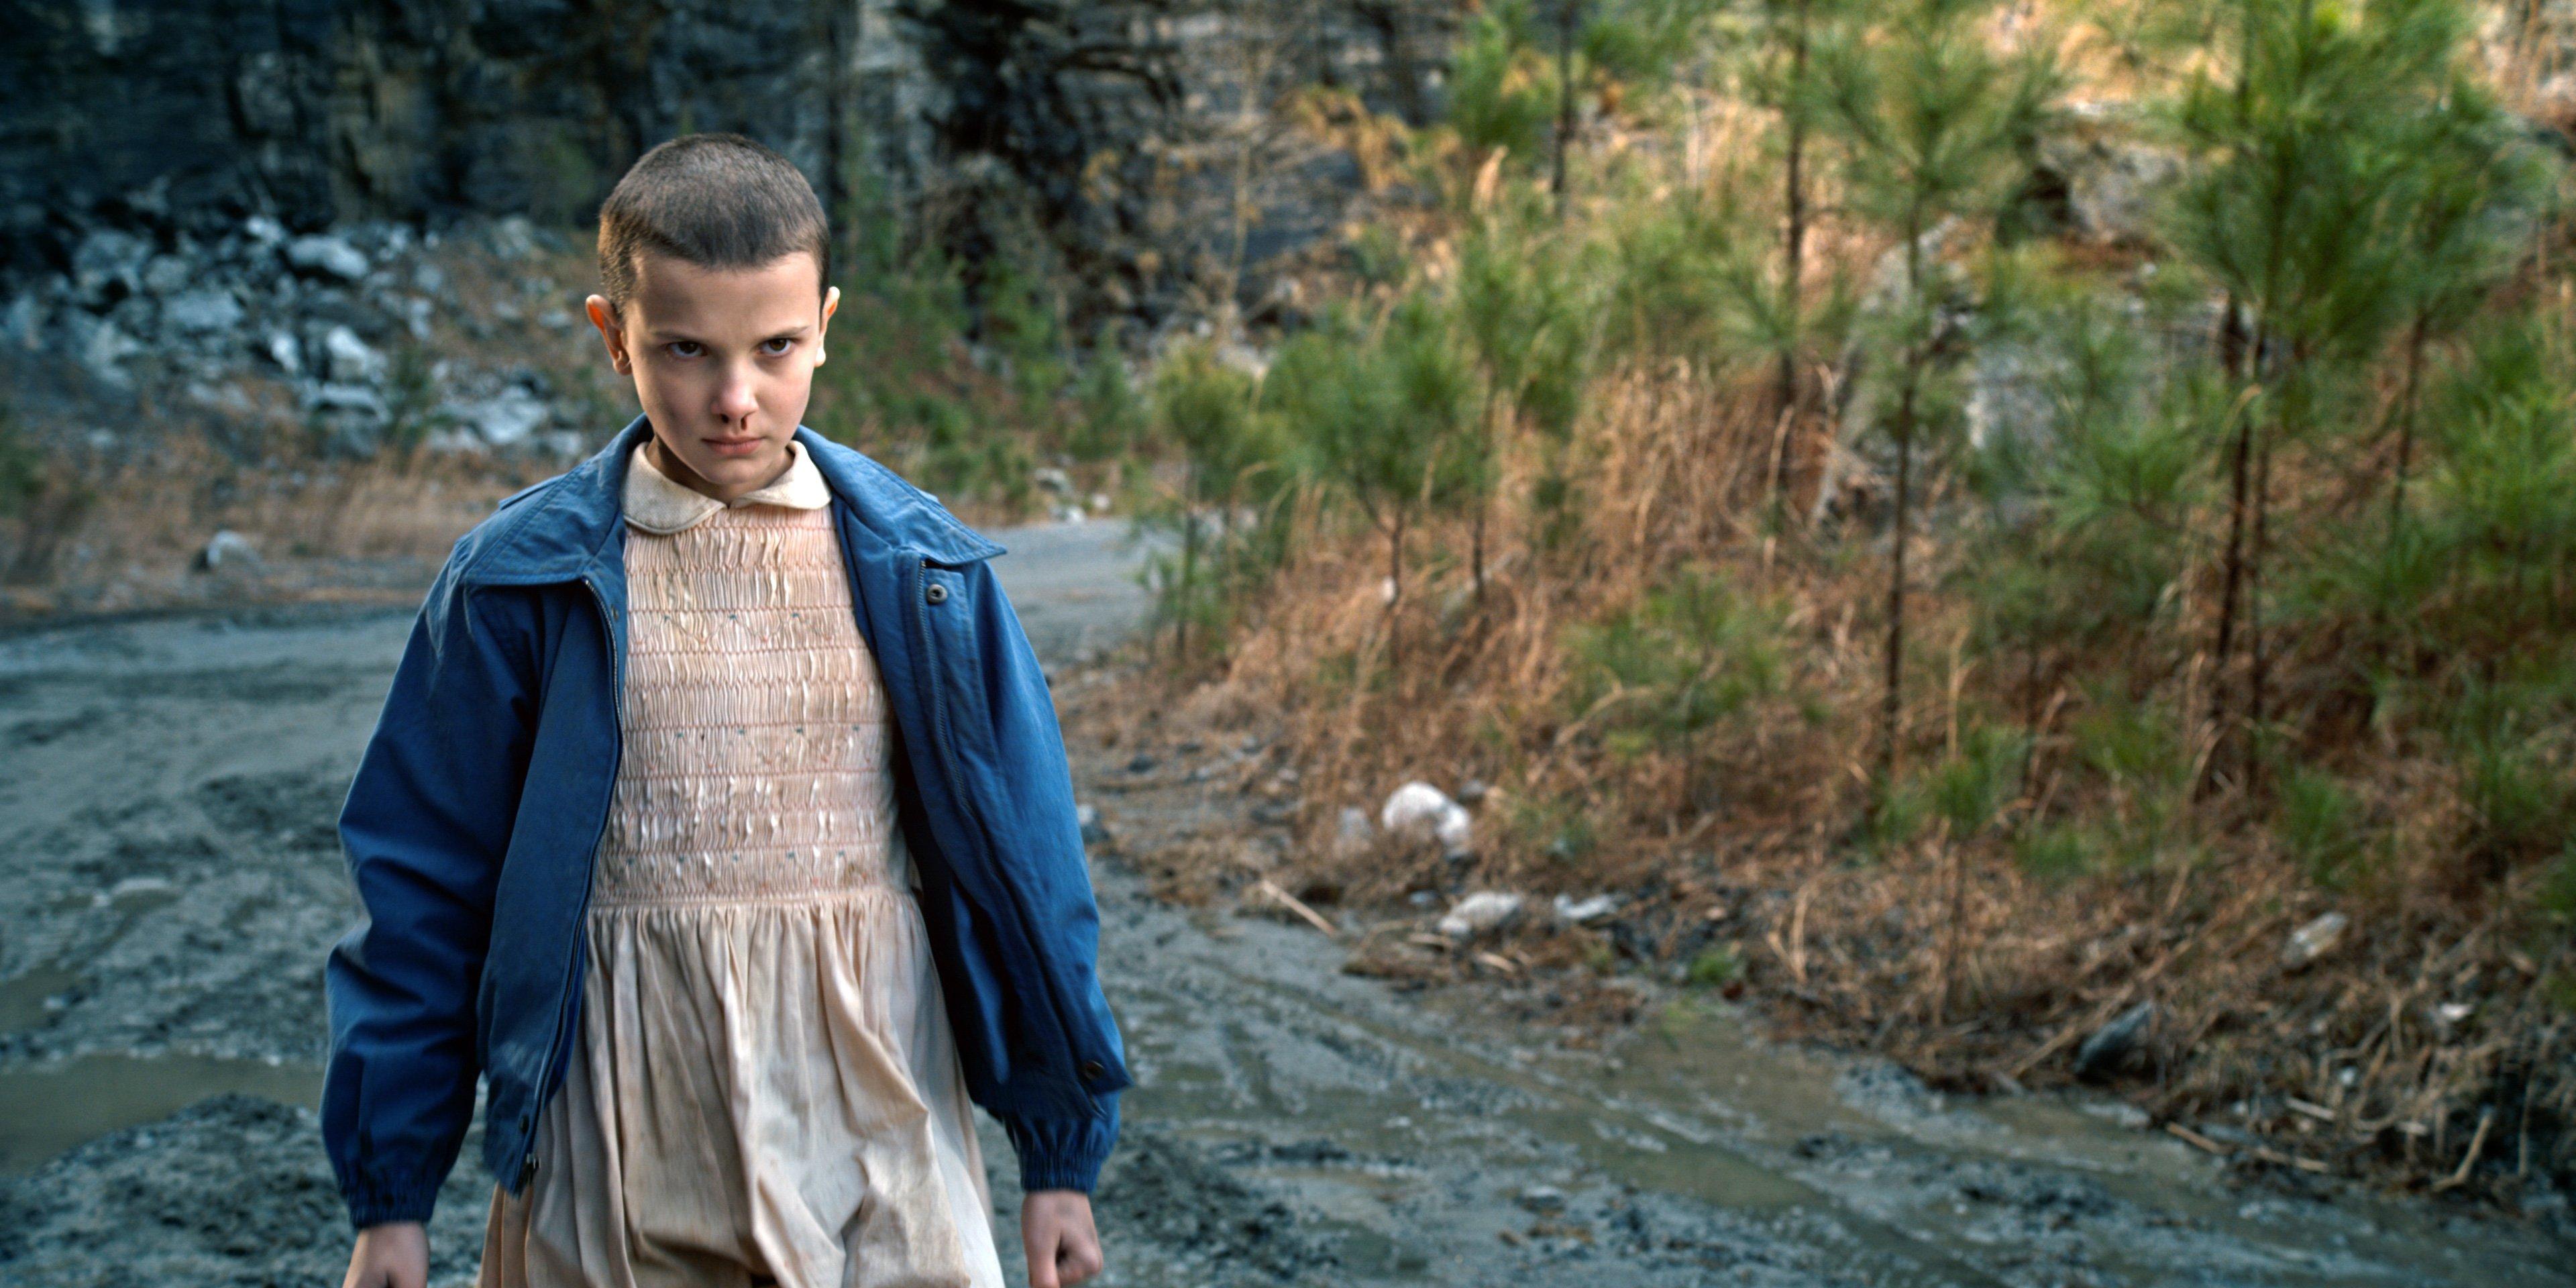 Photo de la saison 1 de Stranger Things avec Eleven